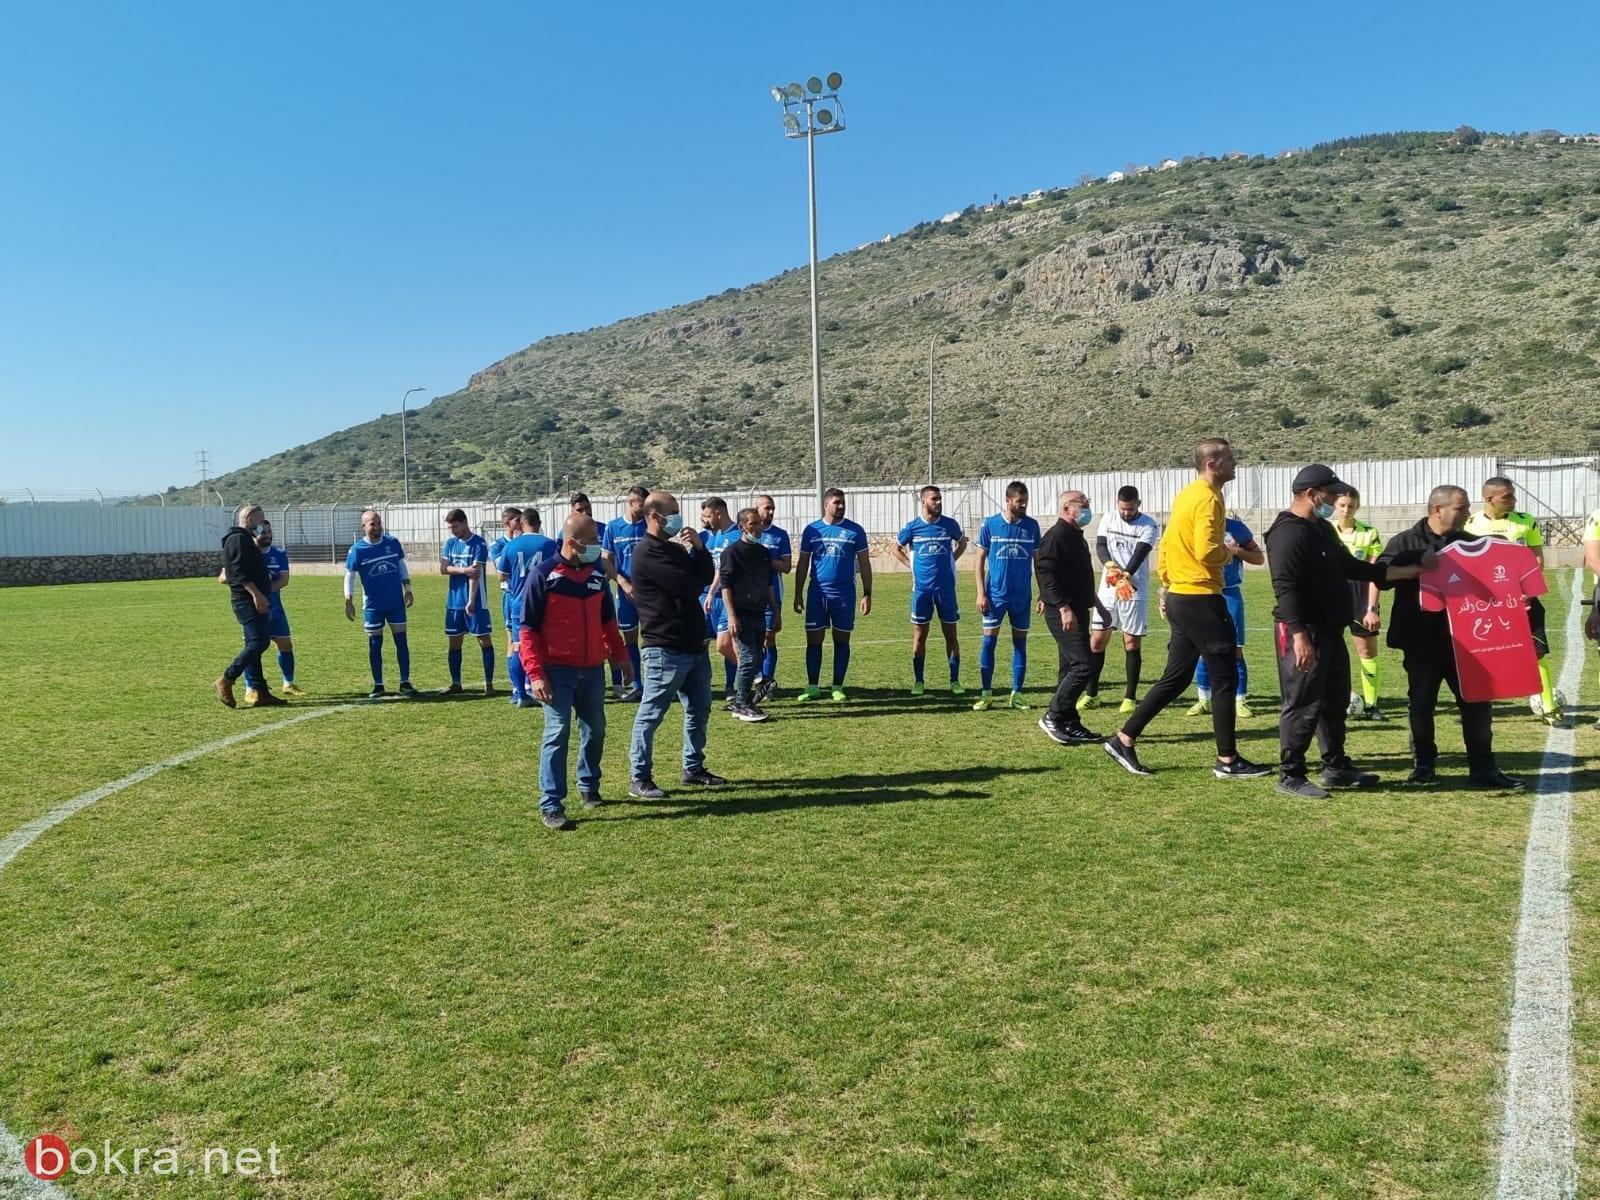 شعب: تكريم عائلة المأسوف على شبابه نوح إبراهيم أبو الهيجاء مشجع فريق هبوعيل شعب